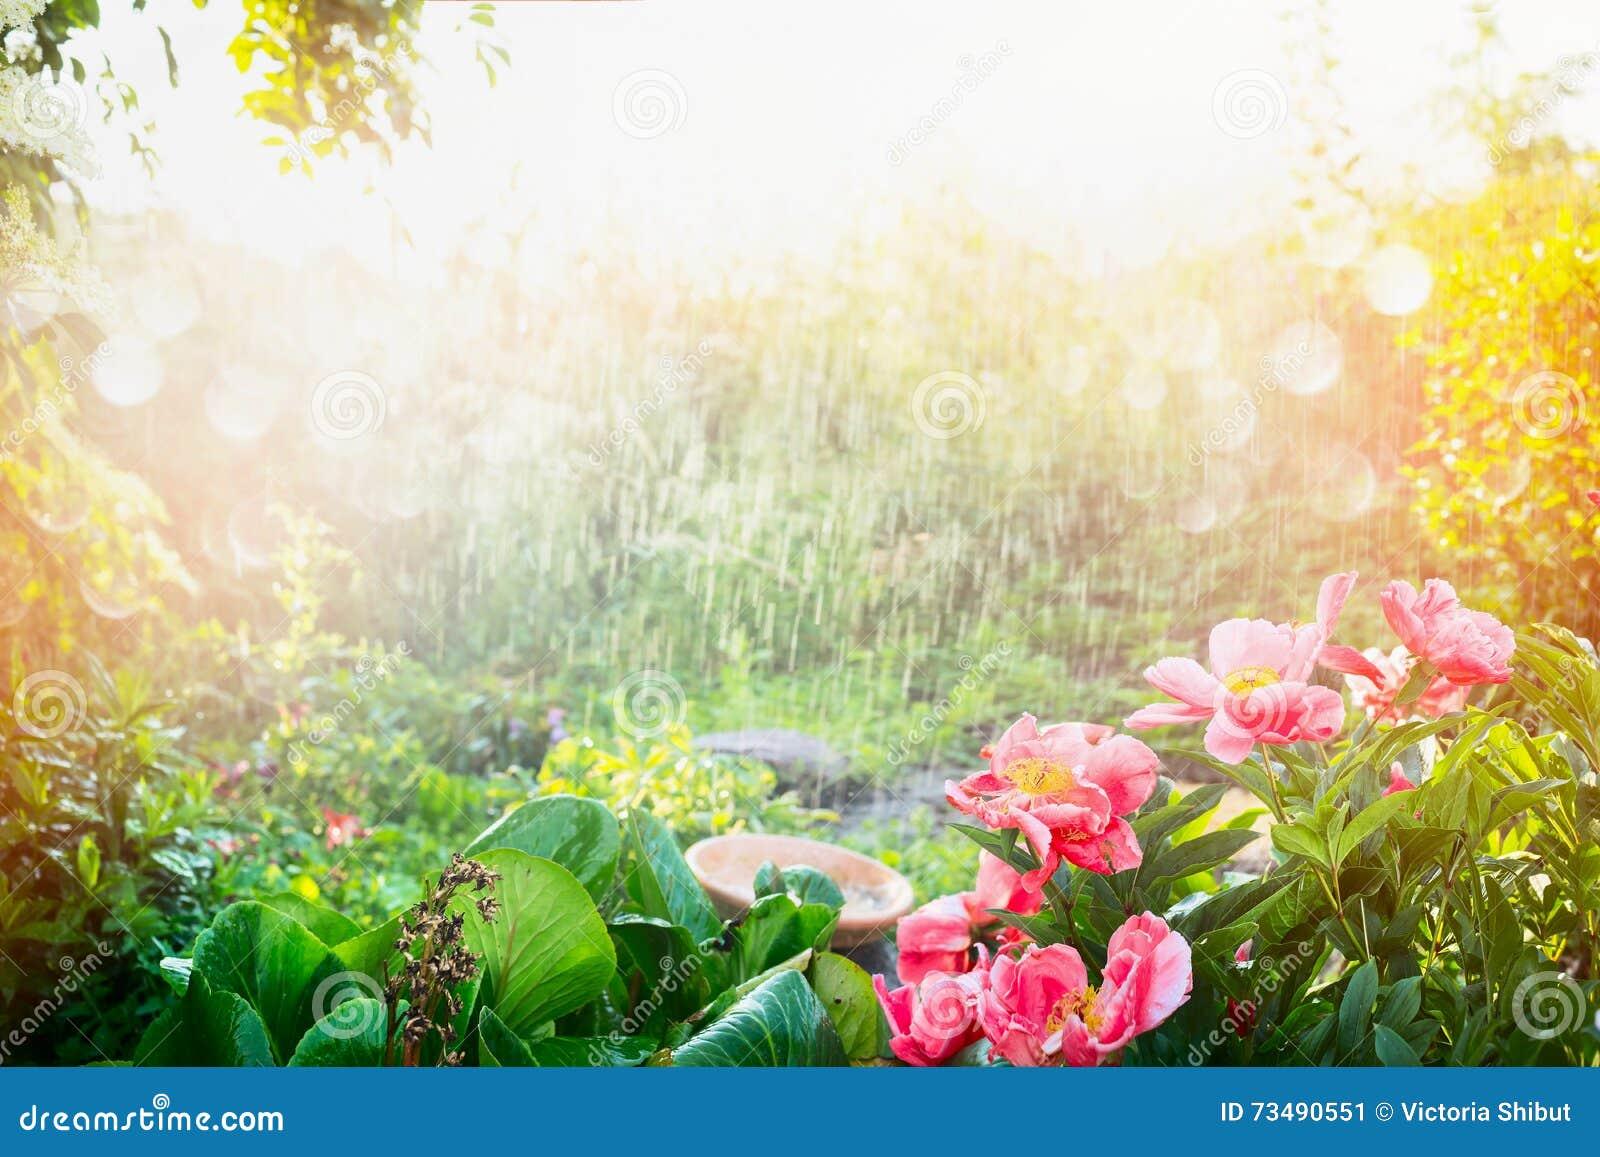 Regen En Zonneschijn : Zondouche in bloemtuin regen met zonneschijn in tuin of park